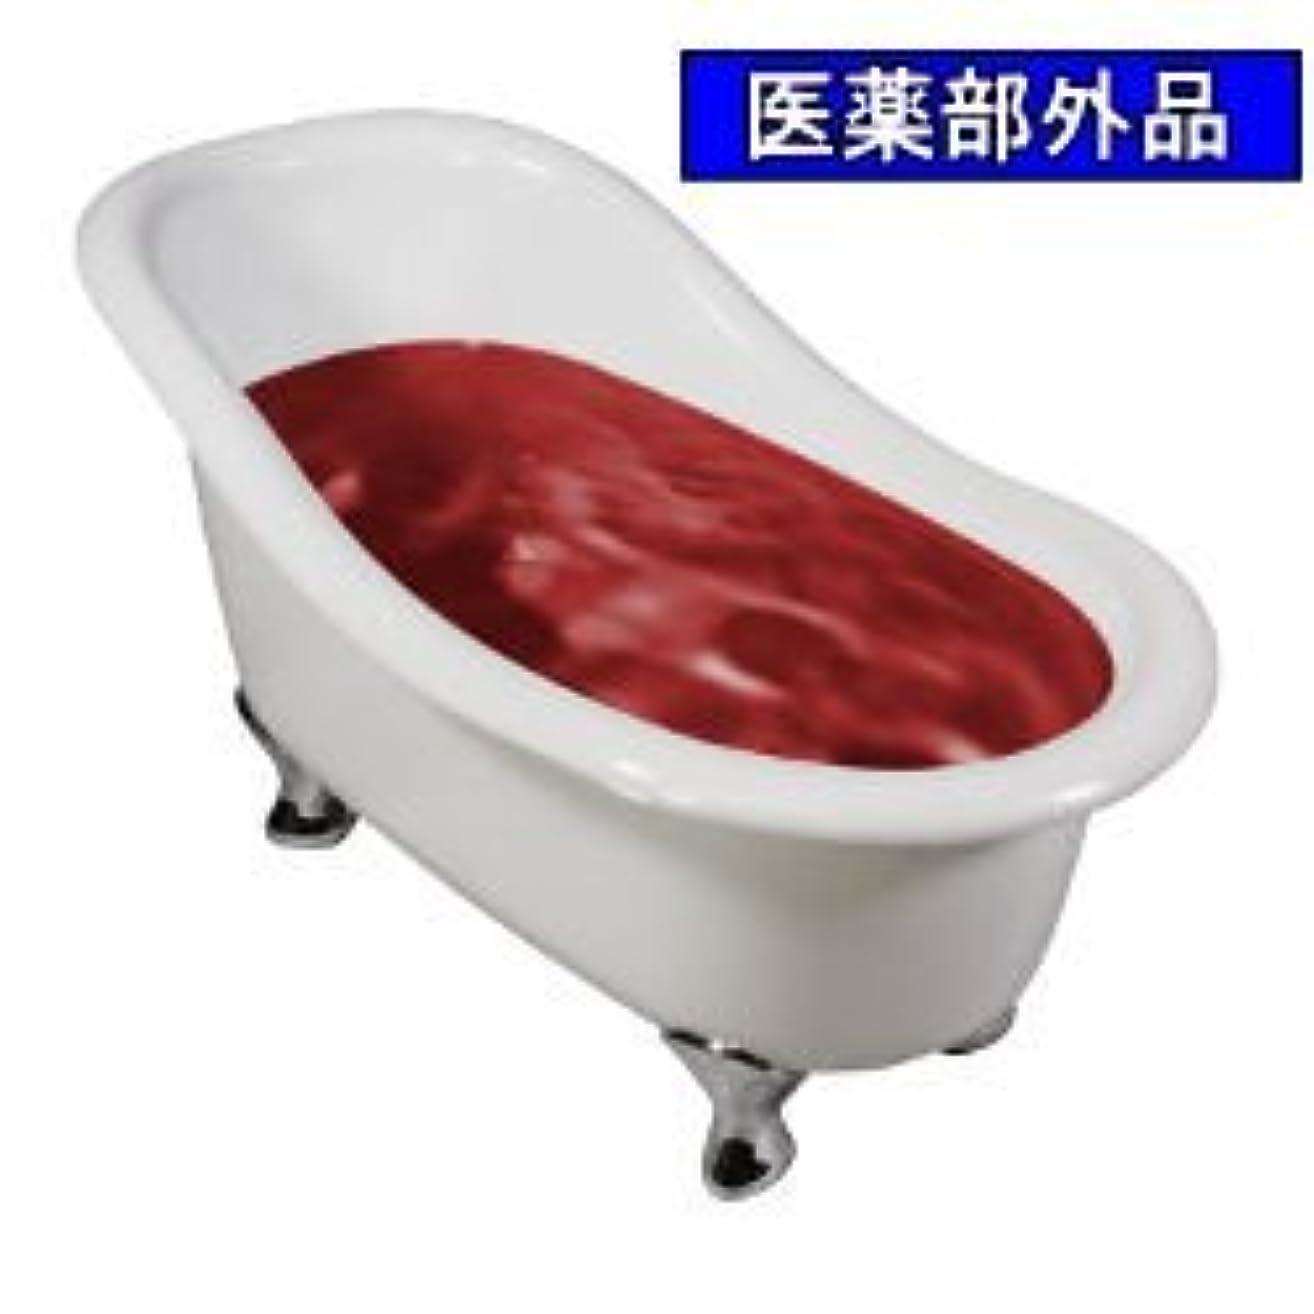 クレタ標準同意する業務用薬用入浴剤バスフレンド 禄寿湯 17kg 医薬部外品